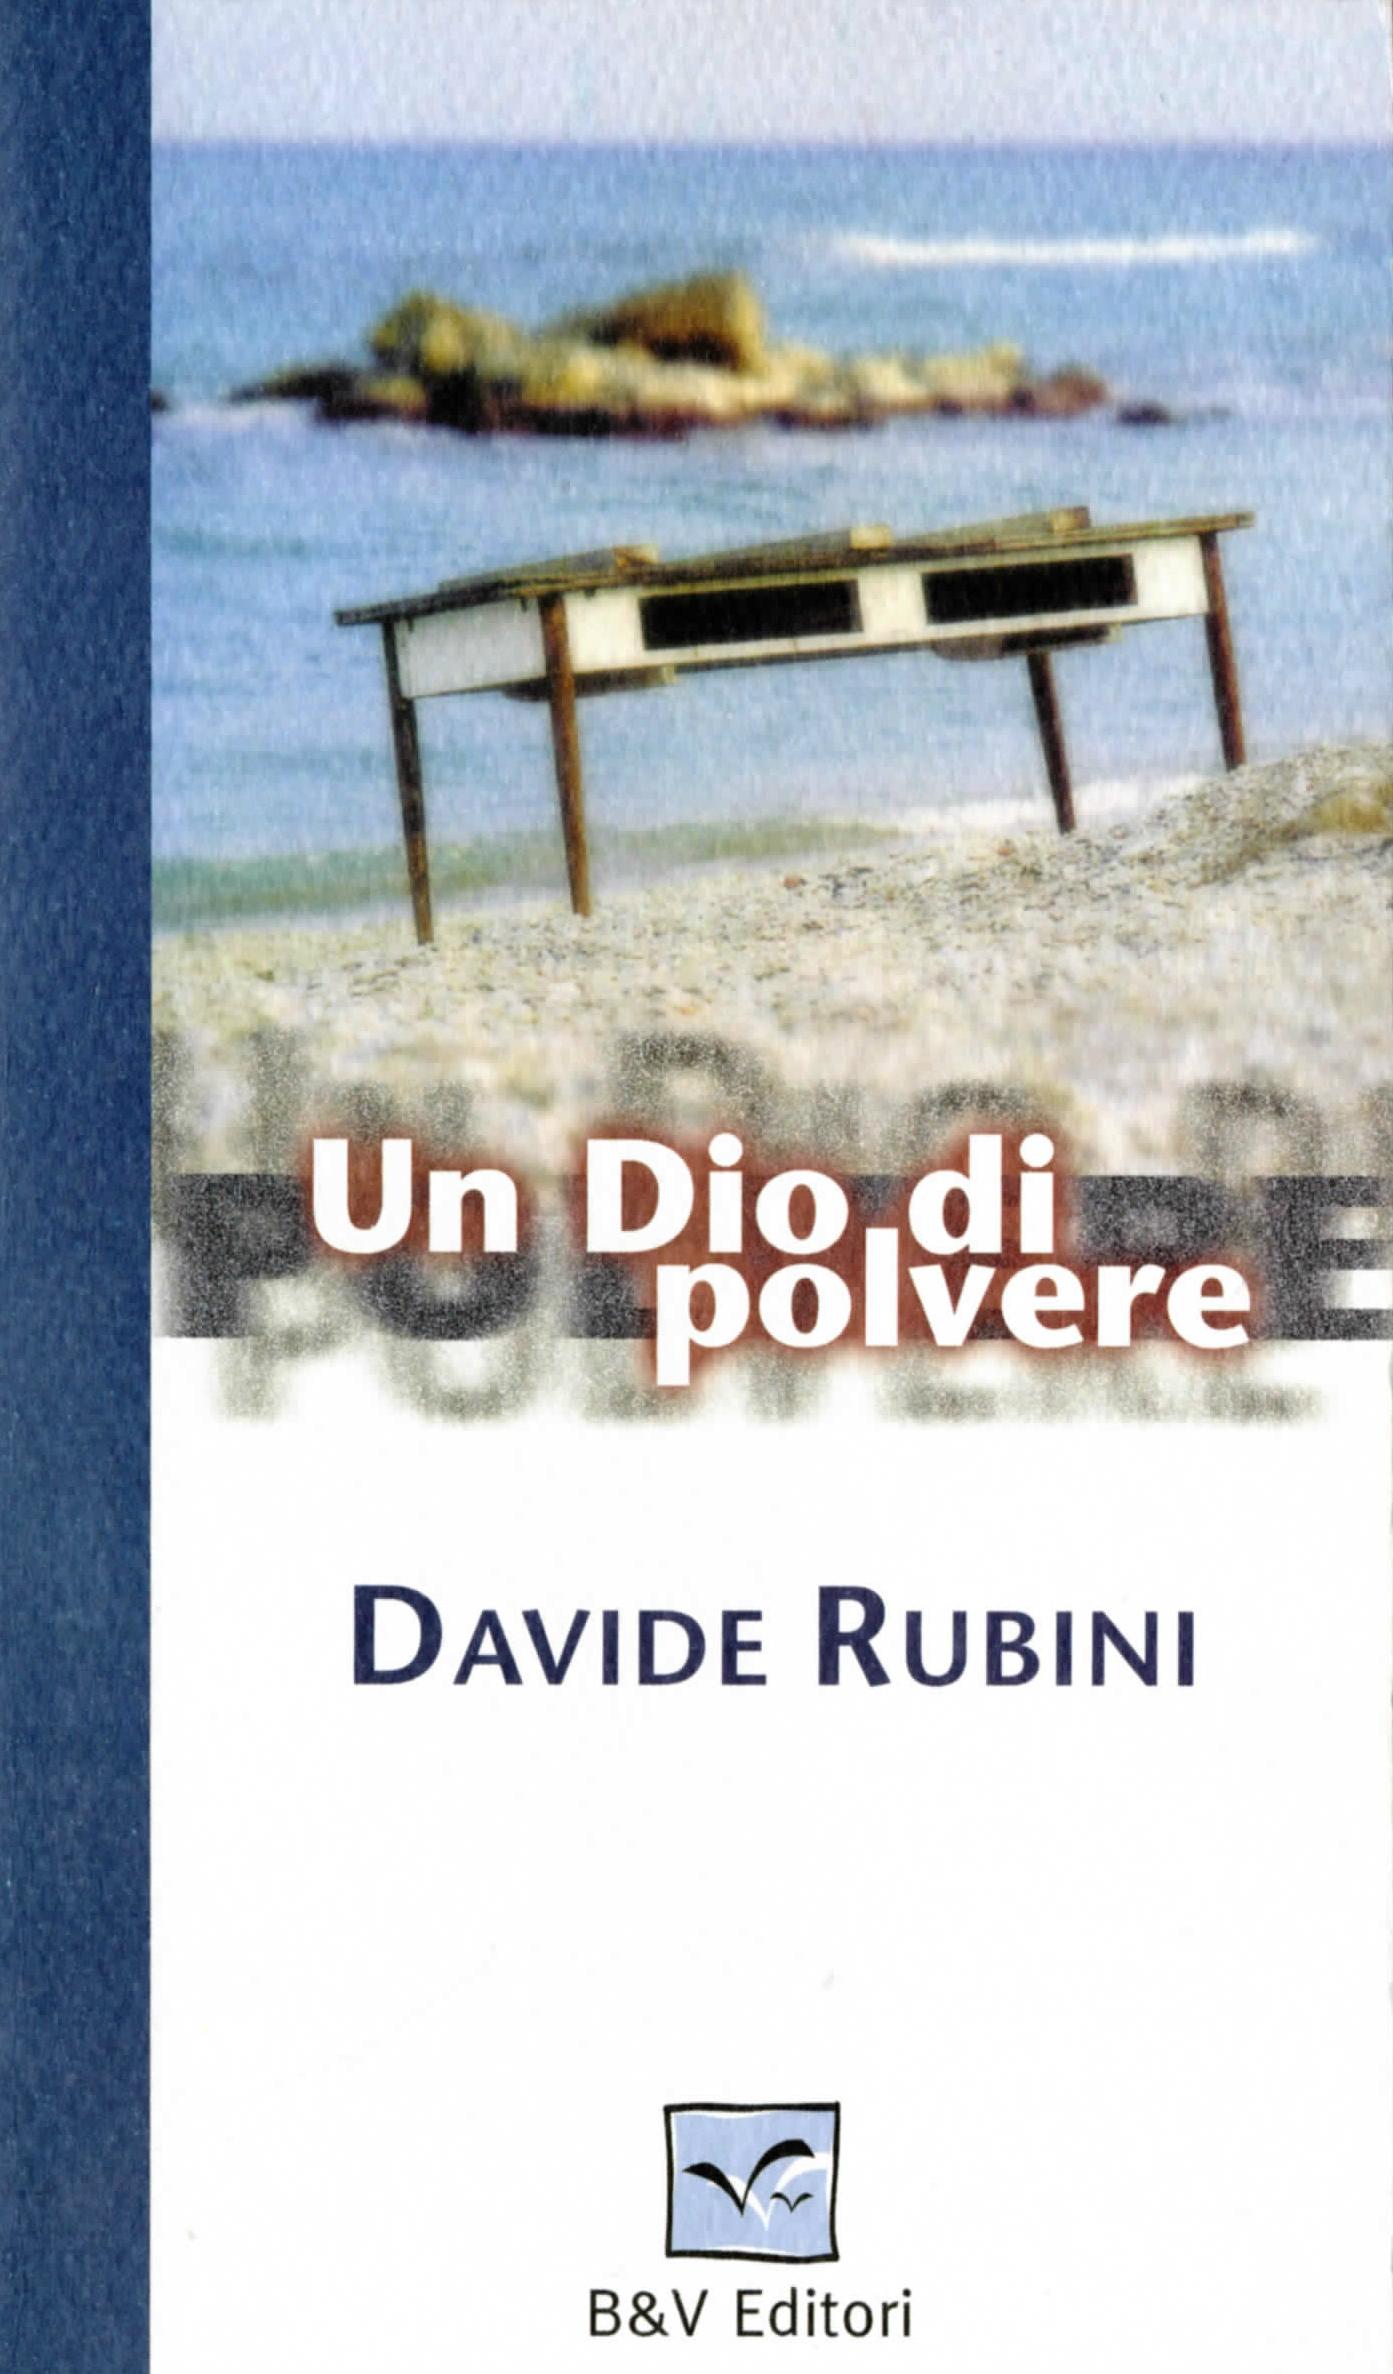 Un Dio di polvere Davide Rubini